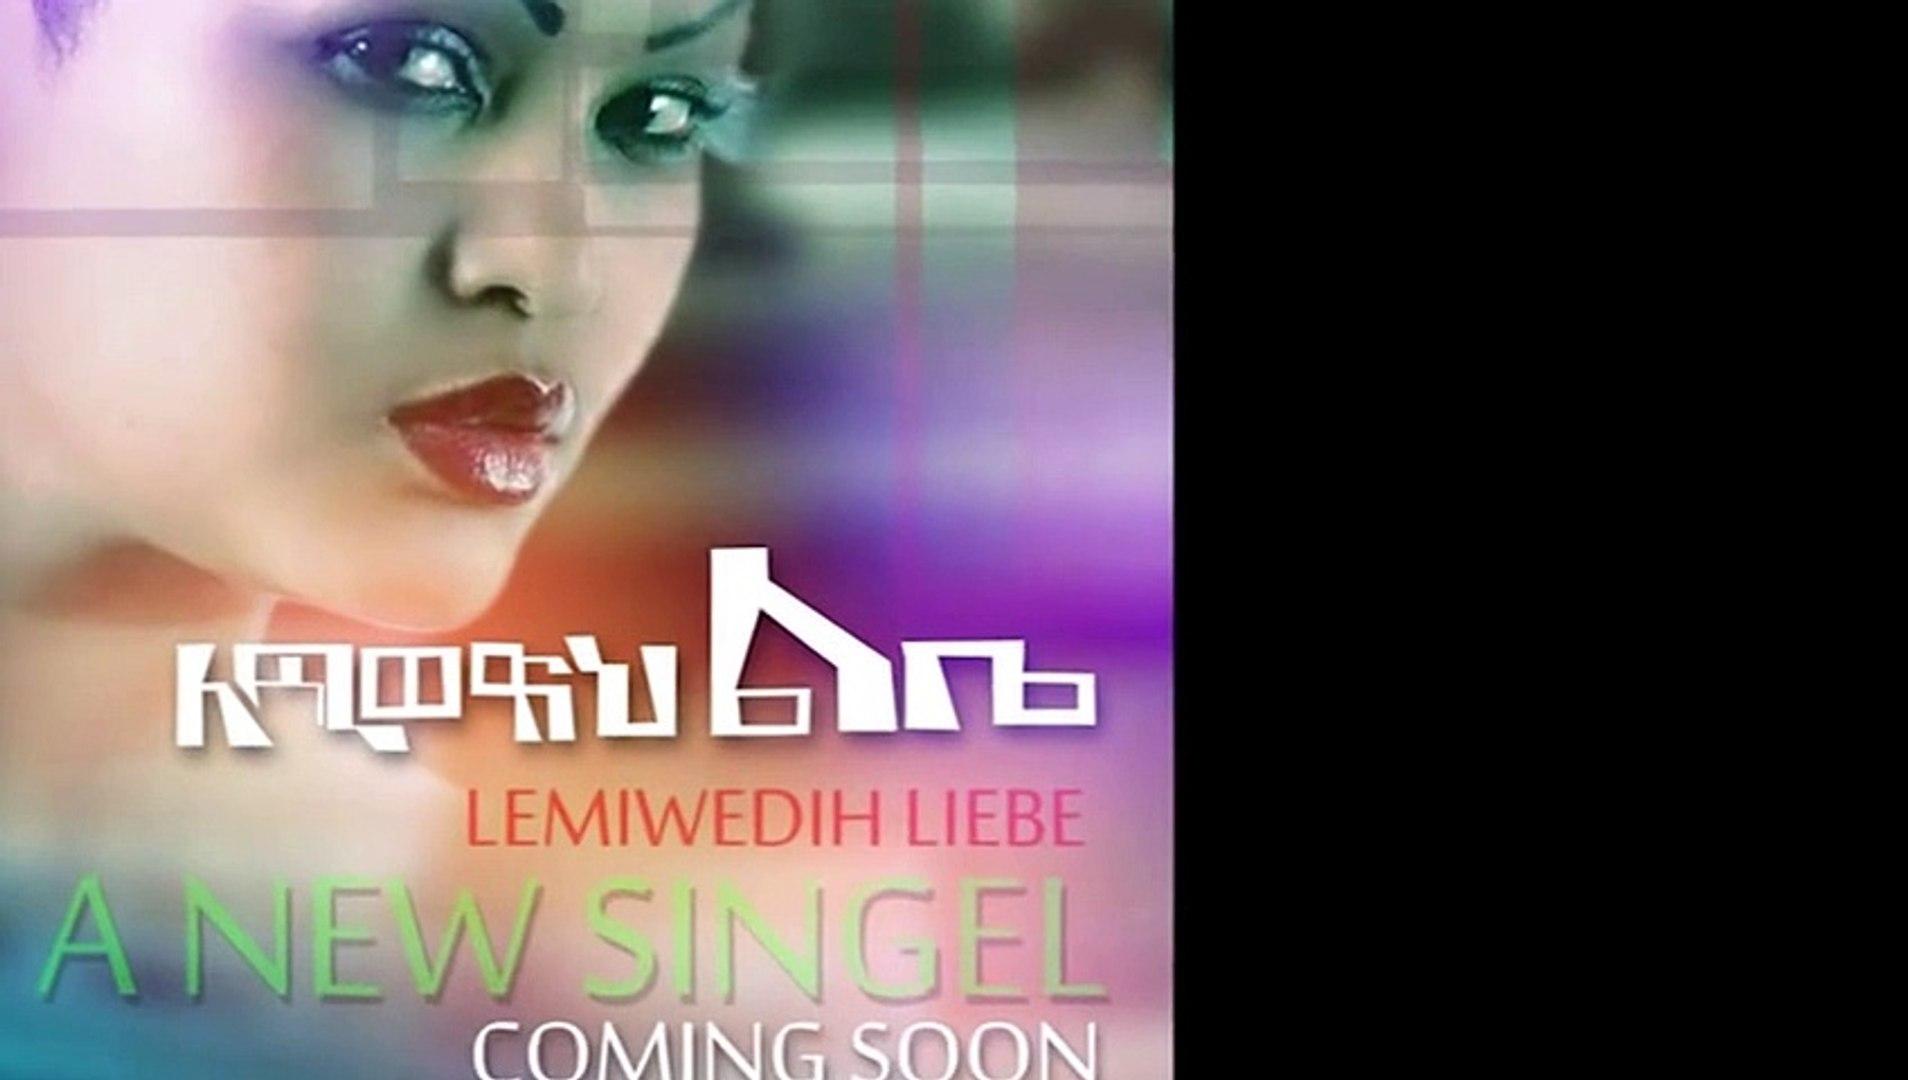 Ethiopia - Fitsum Gebretsadik - Lemiwedih Libe - (official music video) - New Ethiopian Music 2015